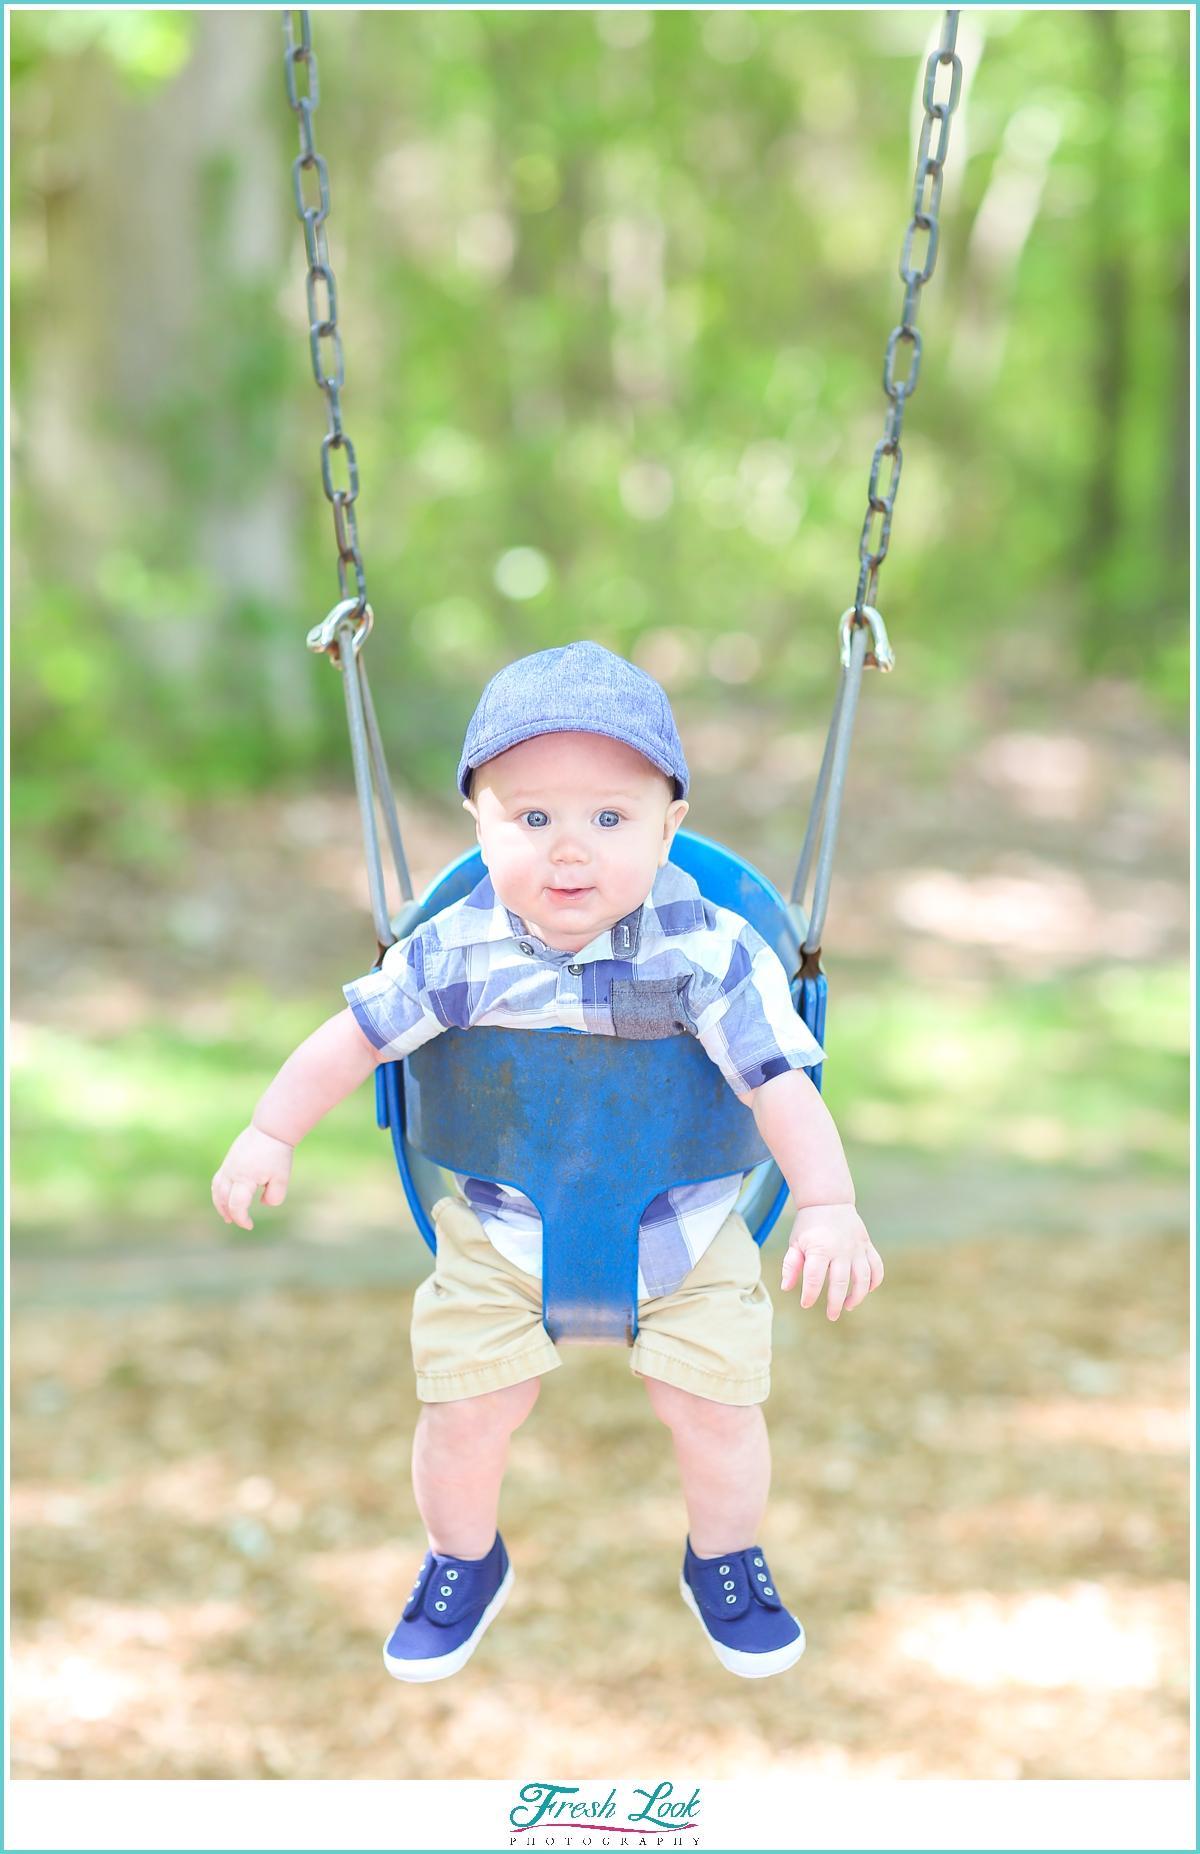 baby swinging on the swings